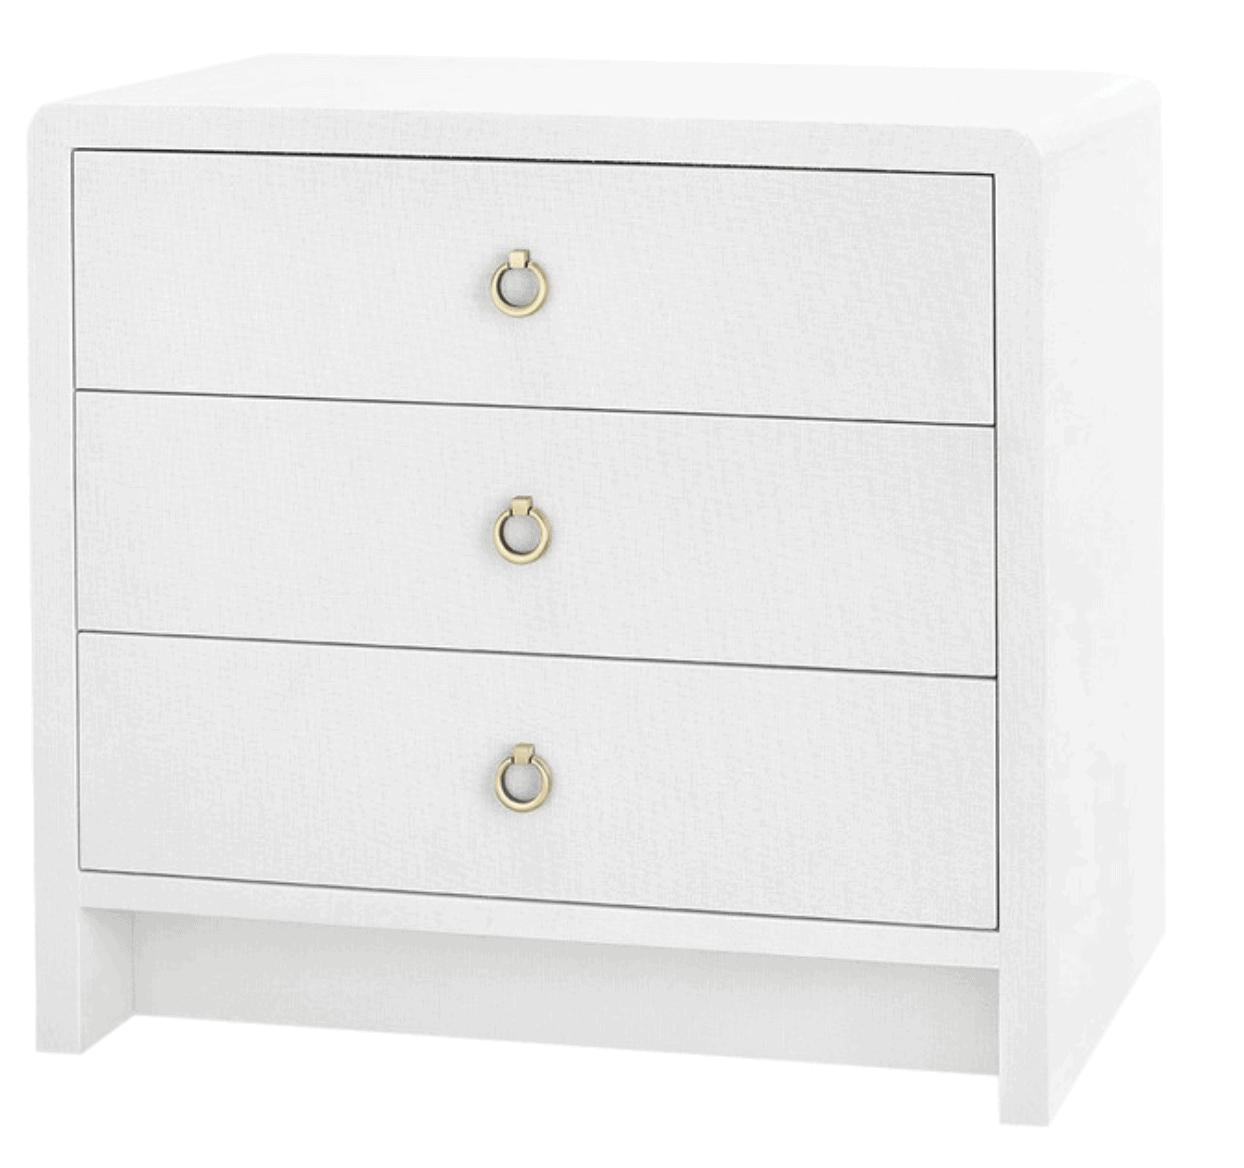 Bryant Linen 3-Drawer Side Table, White Linen